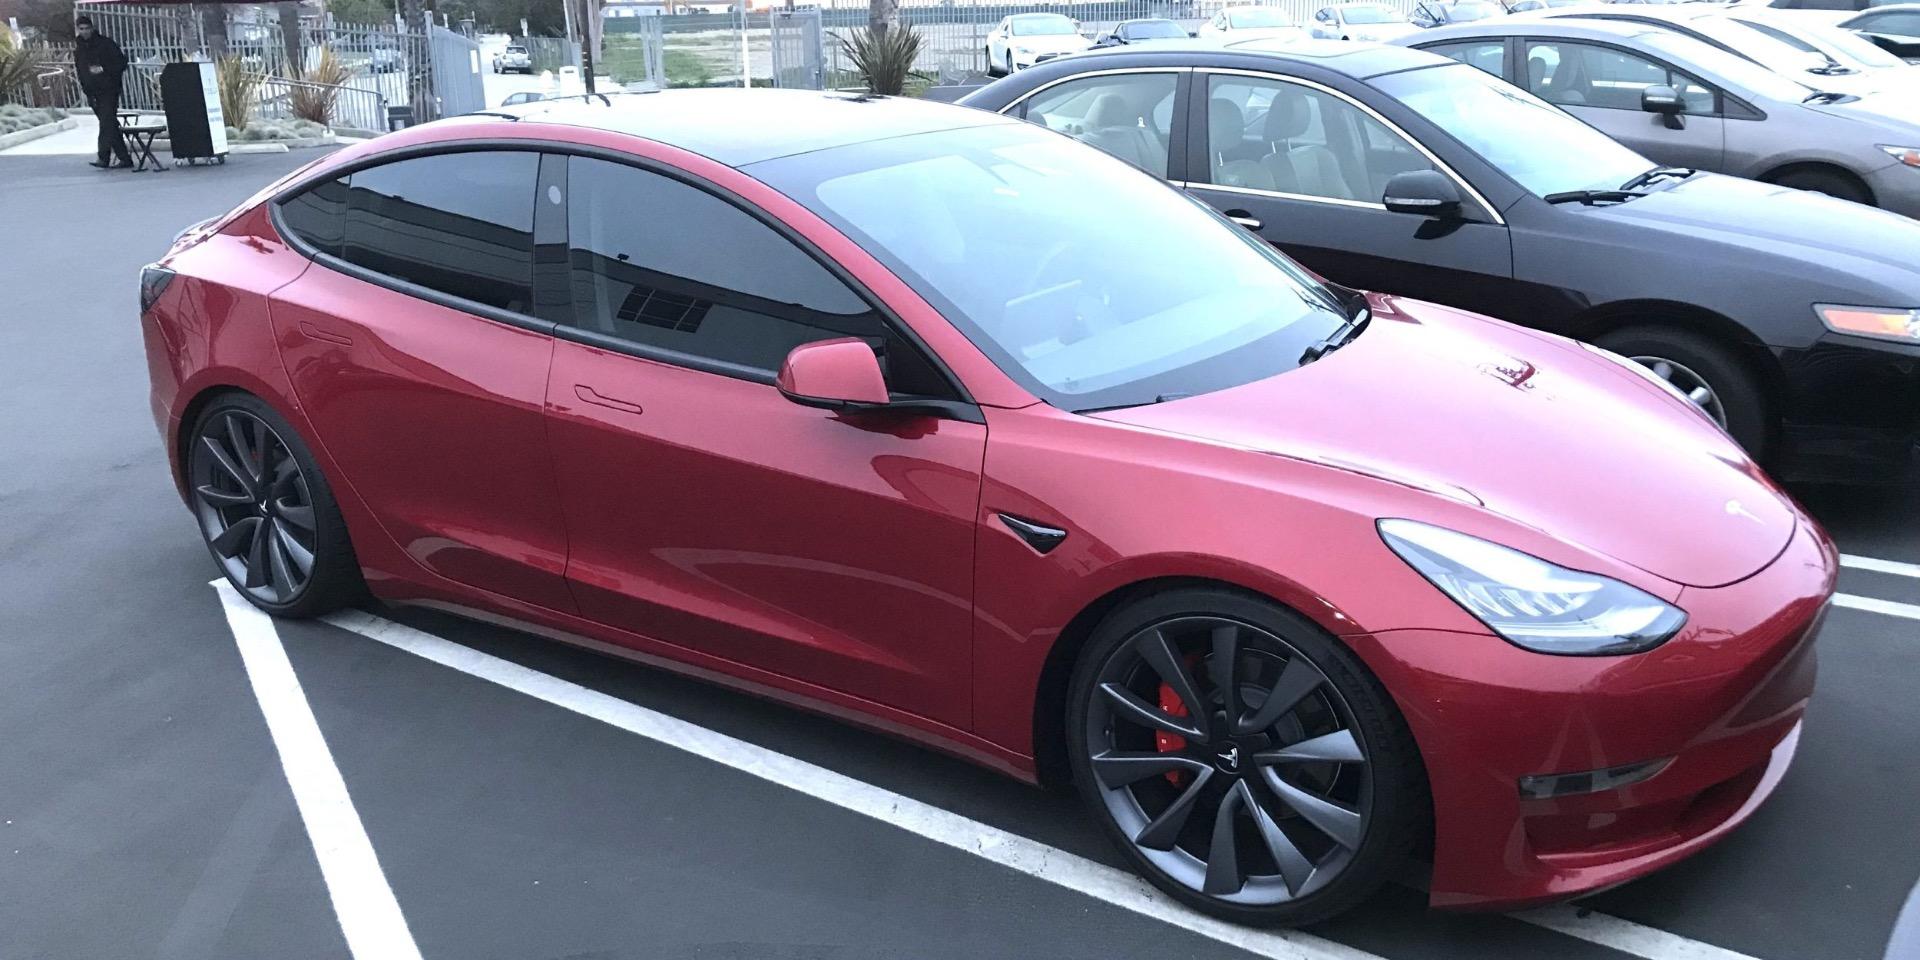 FRanz's Tesla Model 3